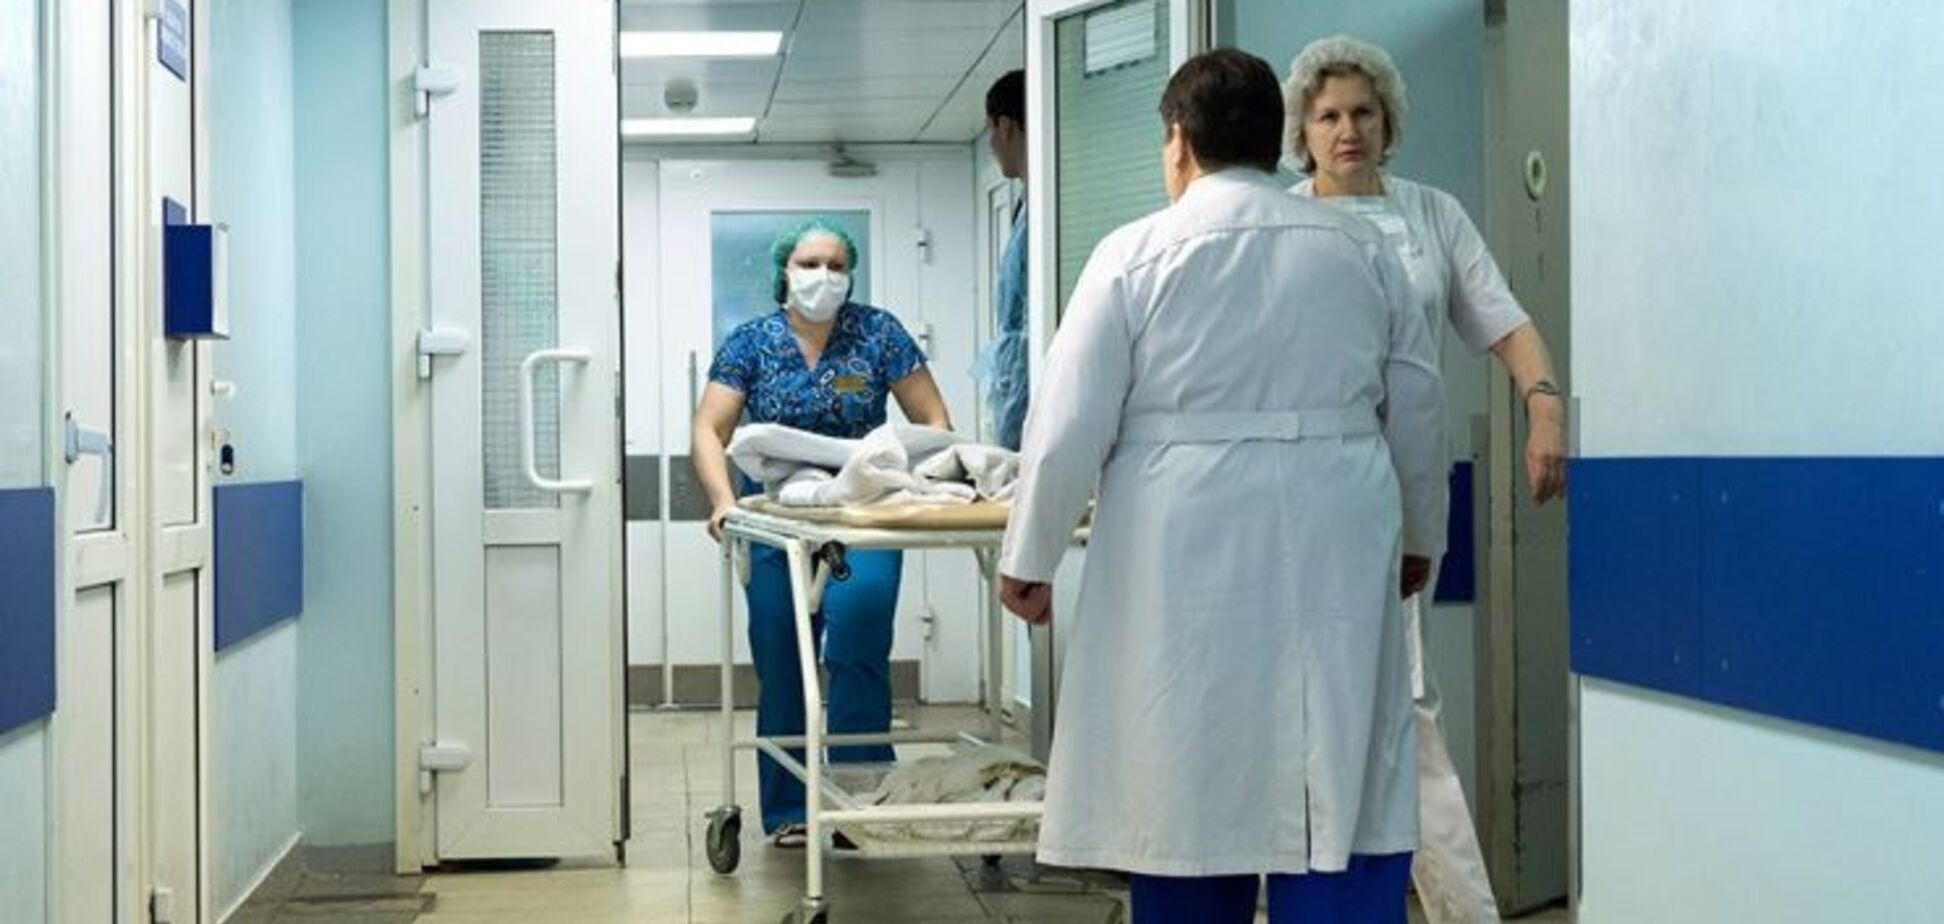 Жителей Киева атаковала смертельно опасная инфекция: врачи бьют тревогу